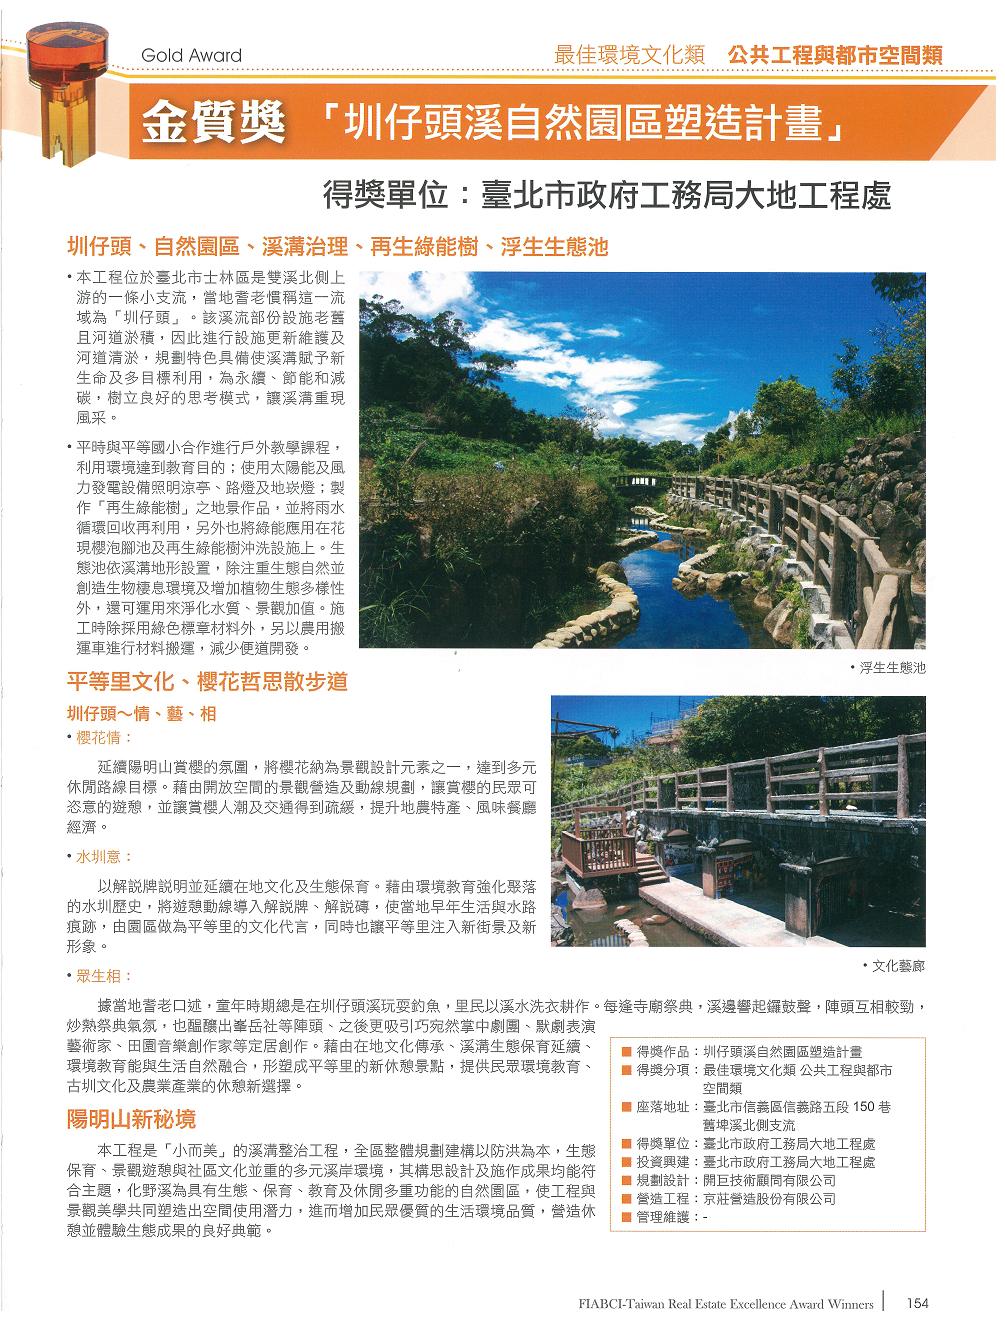 圳仔頭溪自然園區塑造計畫